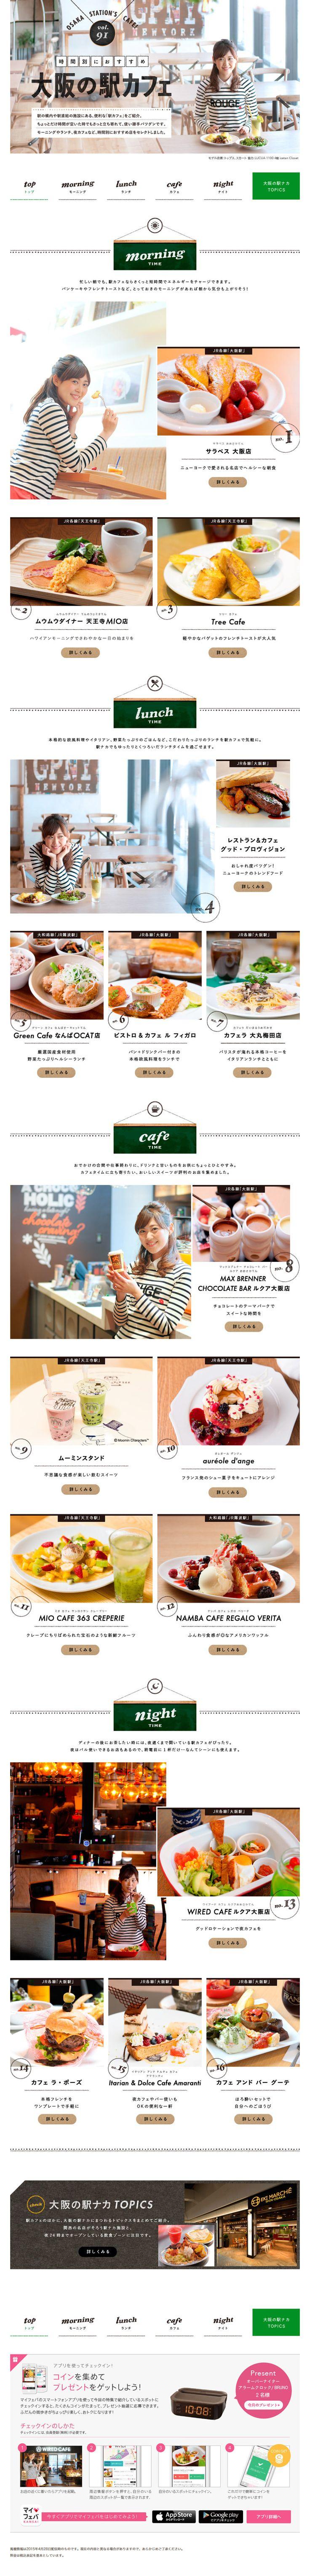 ランディングページ LP 時間別におすすめ 大阪の駅カフェ|インターネットサービス|自社サイト